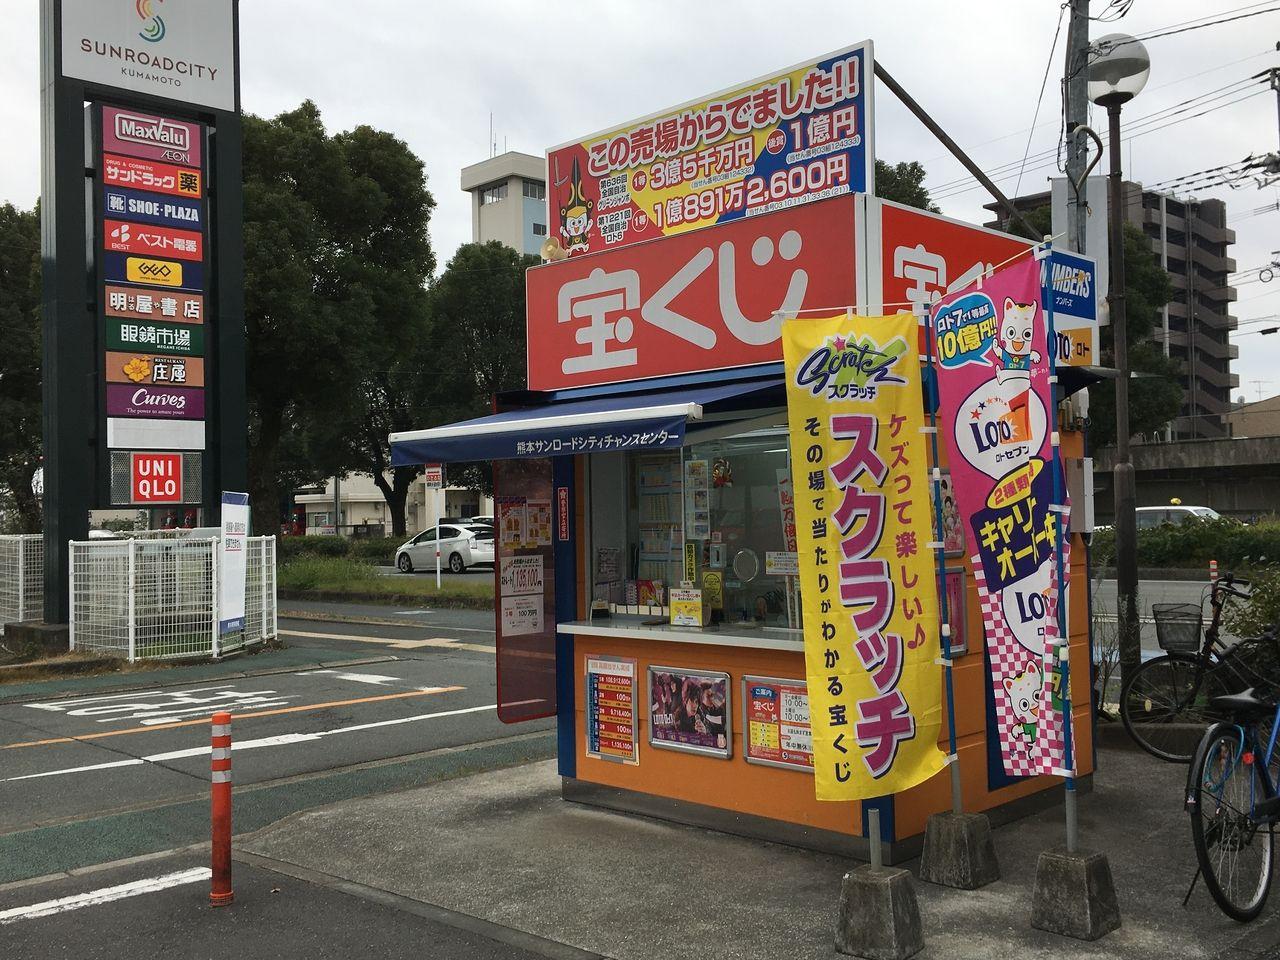 熊本市東区東町にあるサンロードシティ熊本にある宝くじ売り場